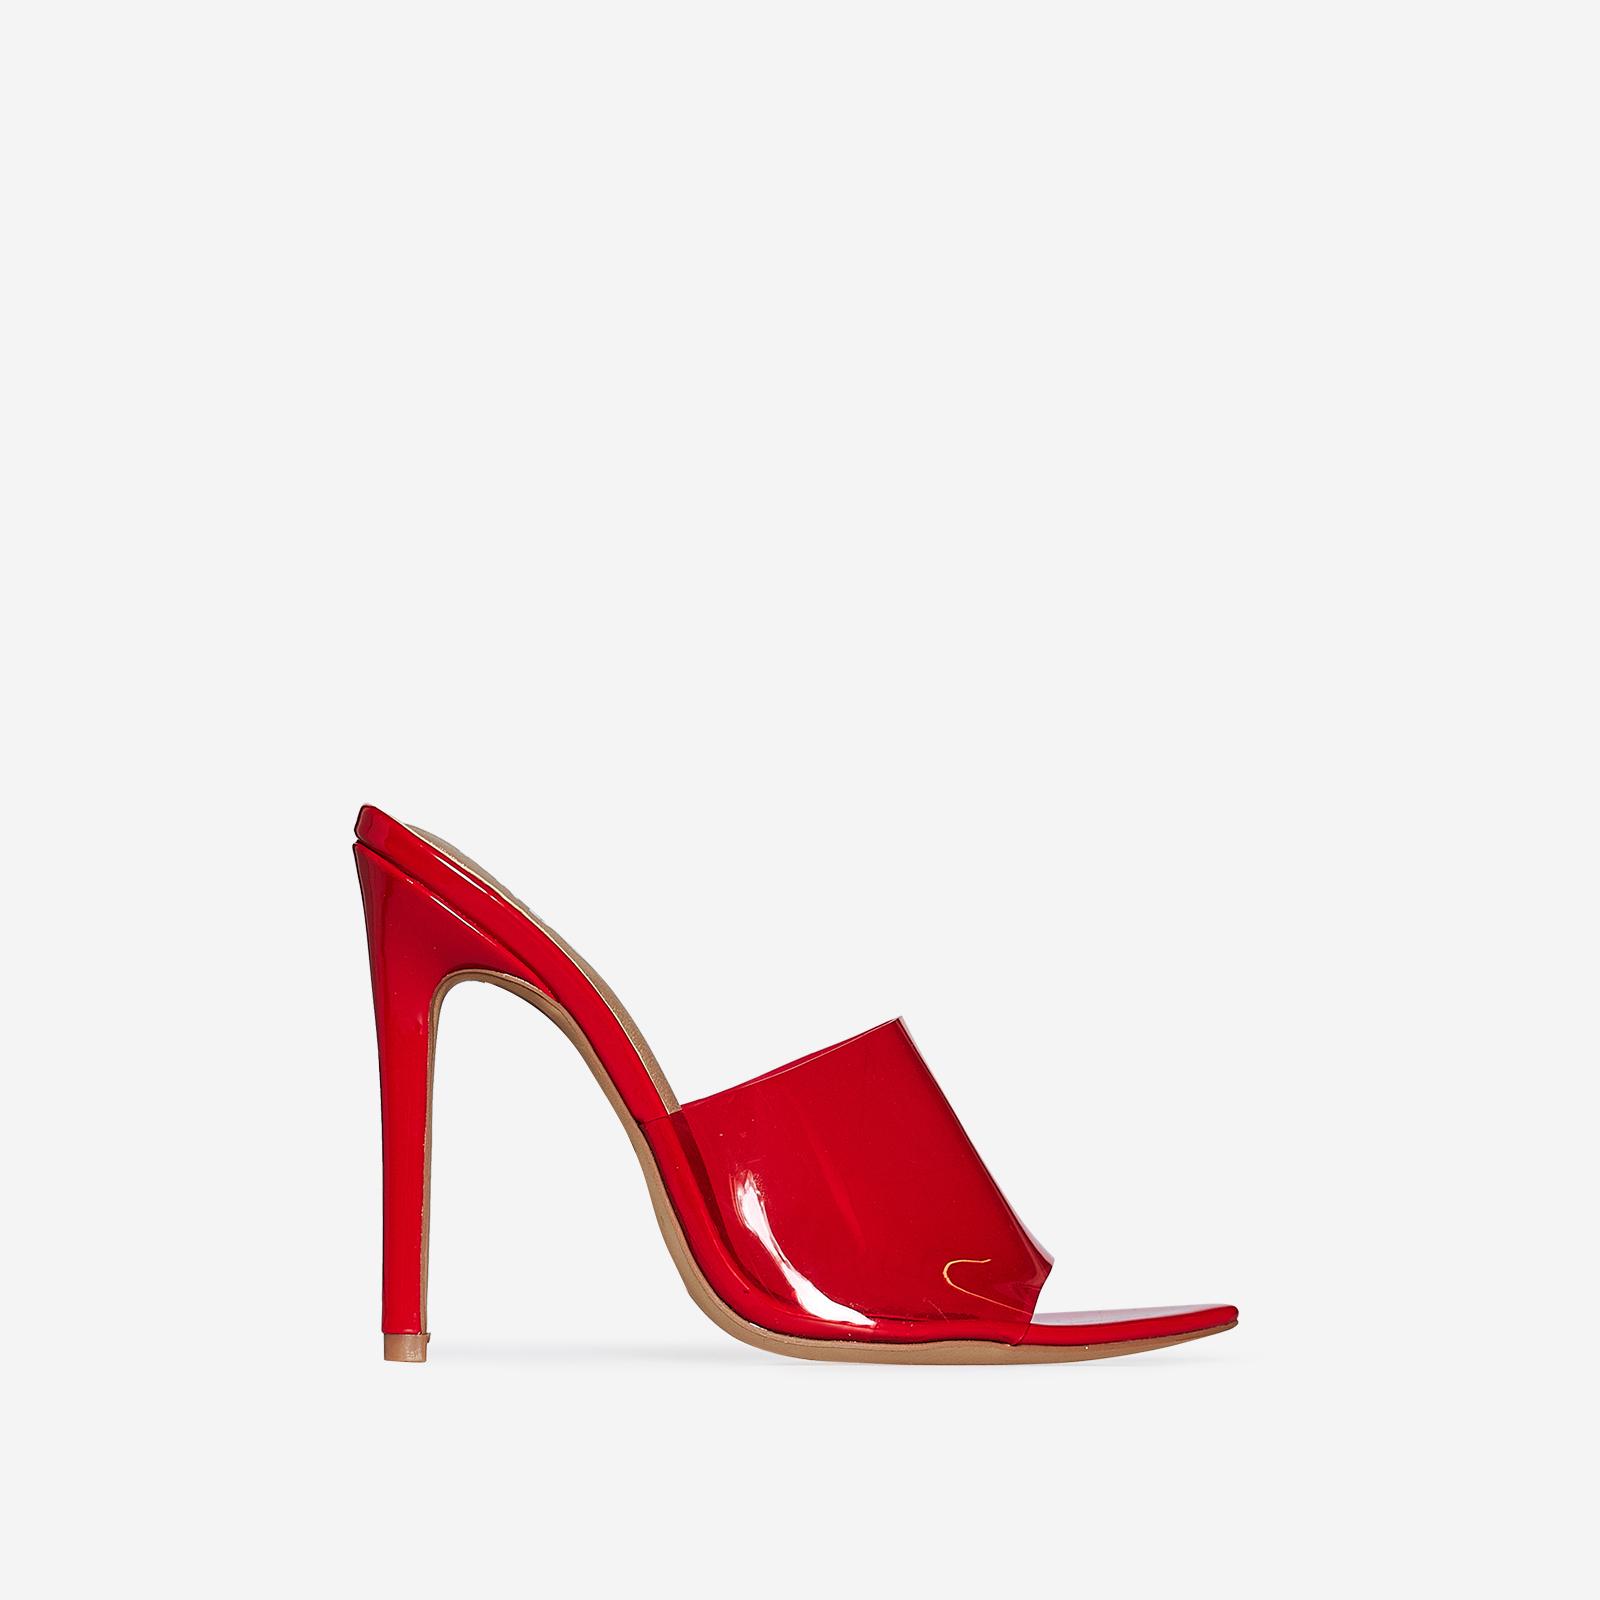 Kilo Peep Toe Perspex Clear Heel Mule In Red Patent